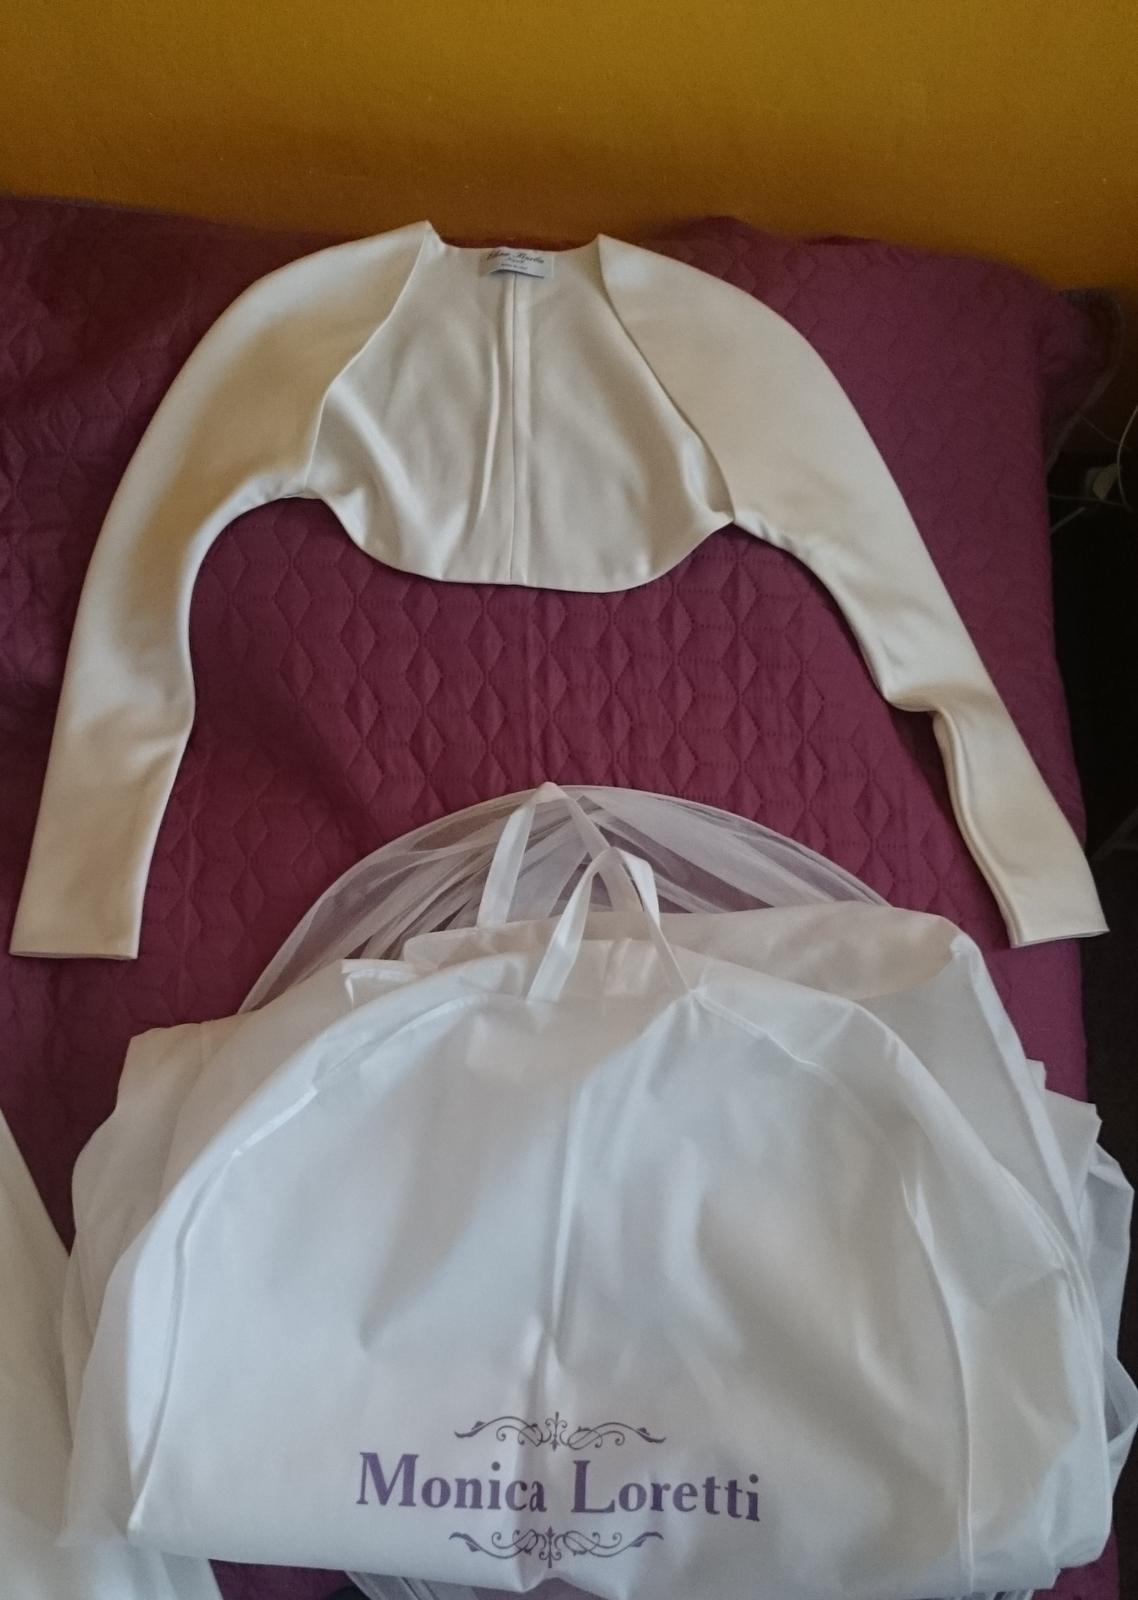 Svadobné šaty Monica Loretti - 36/38 - Obrázok č. 4